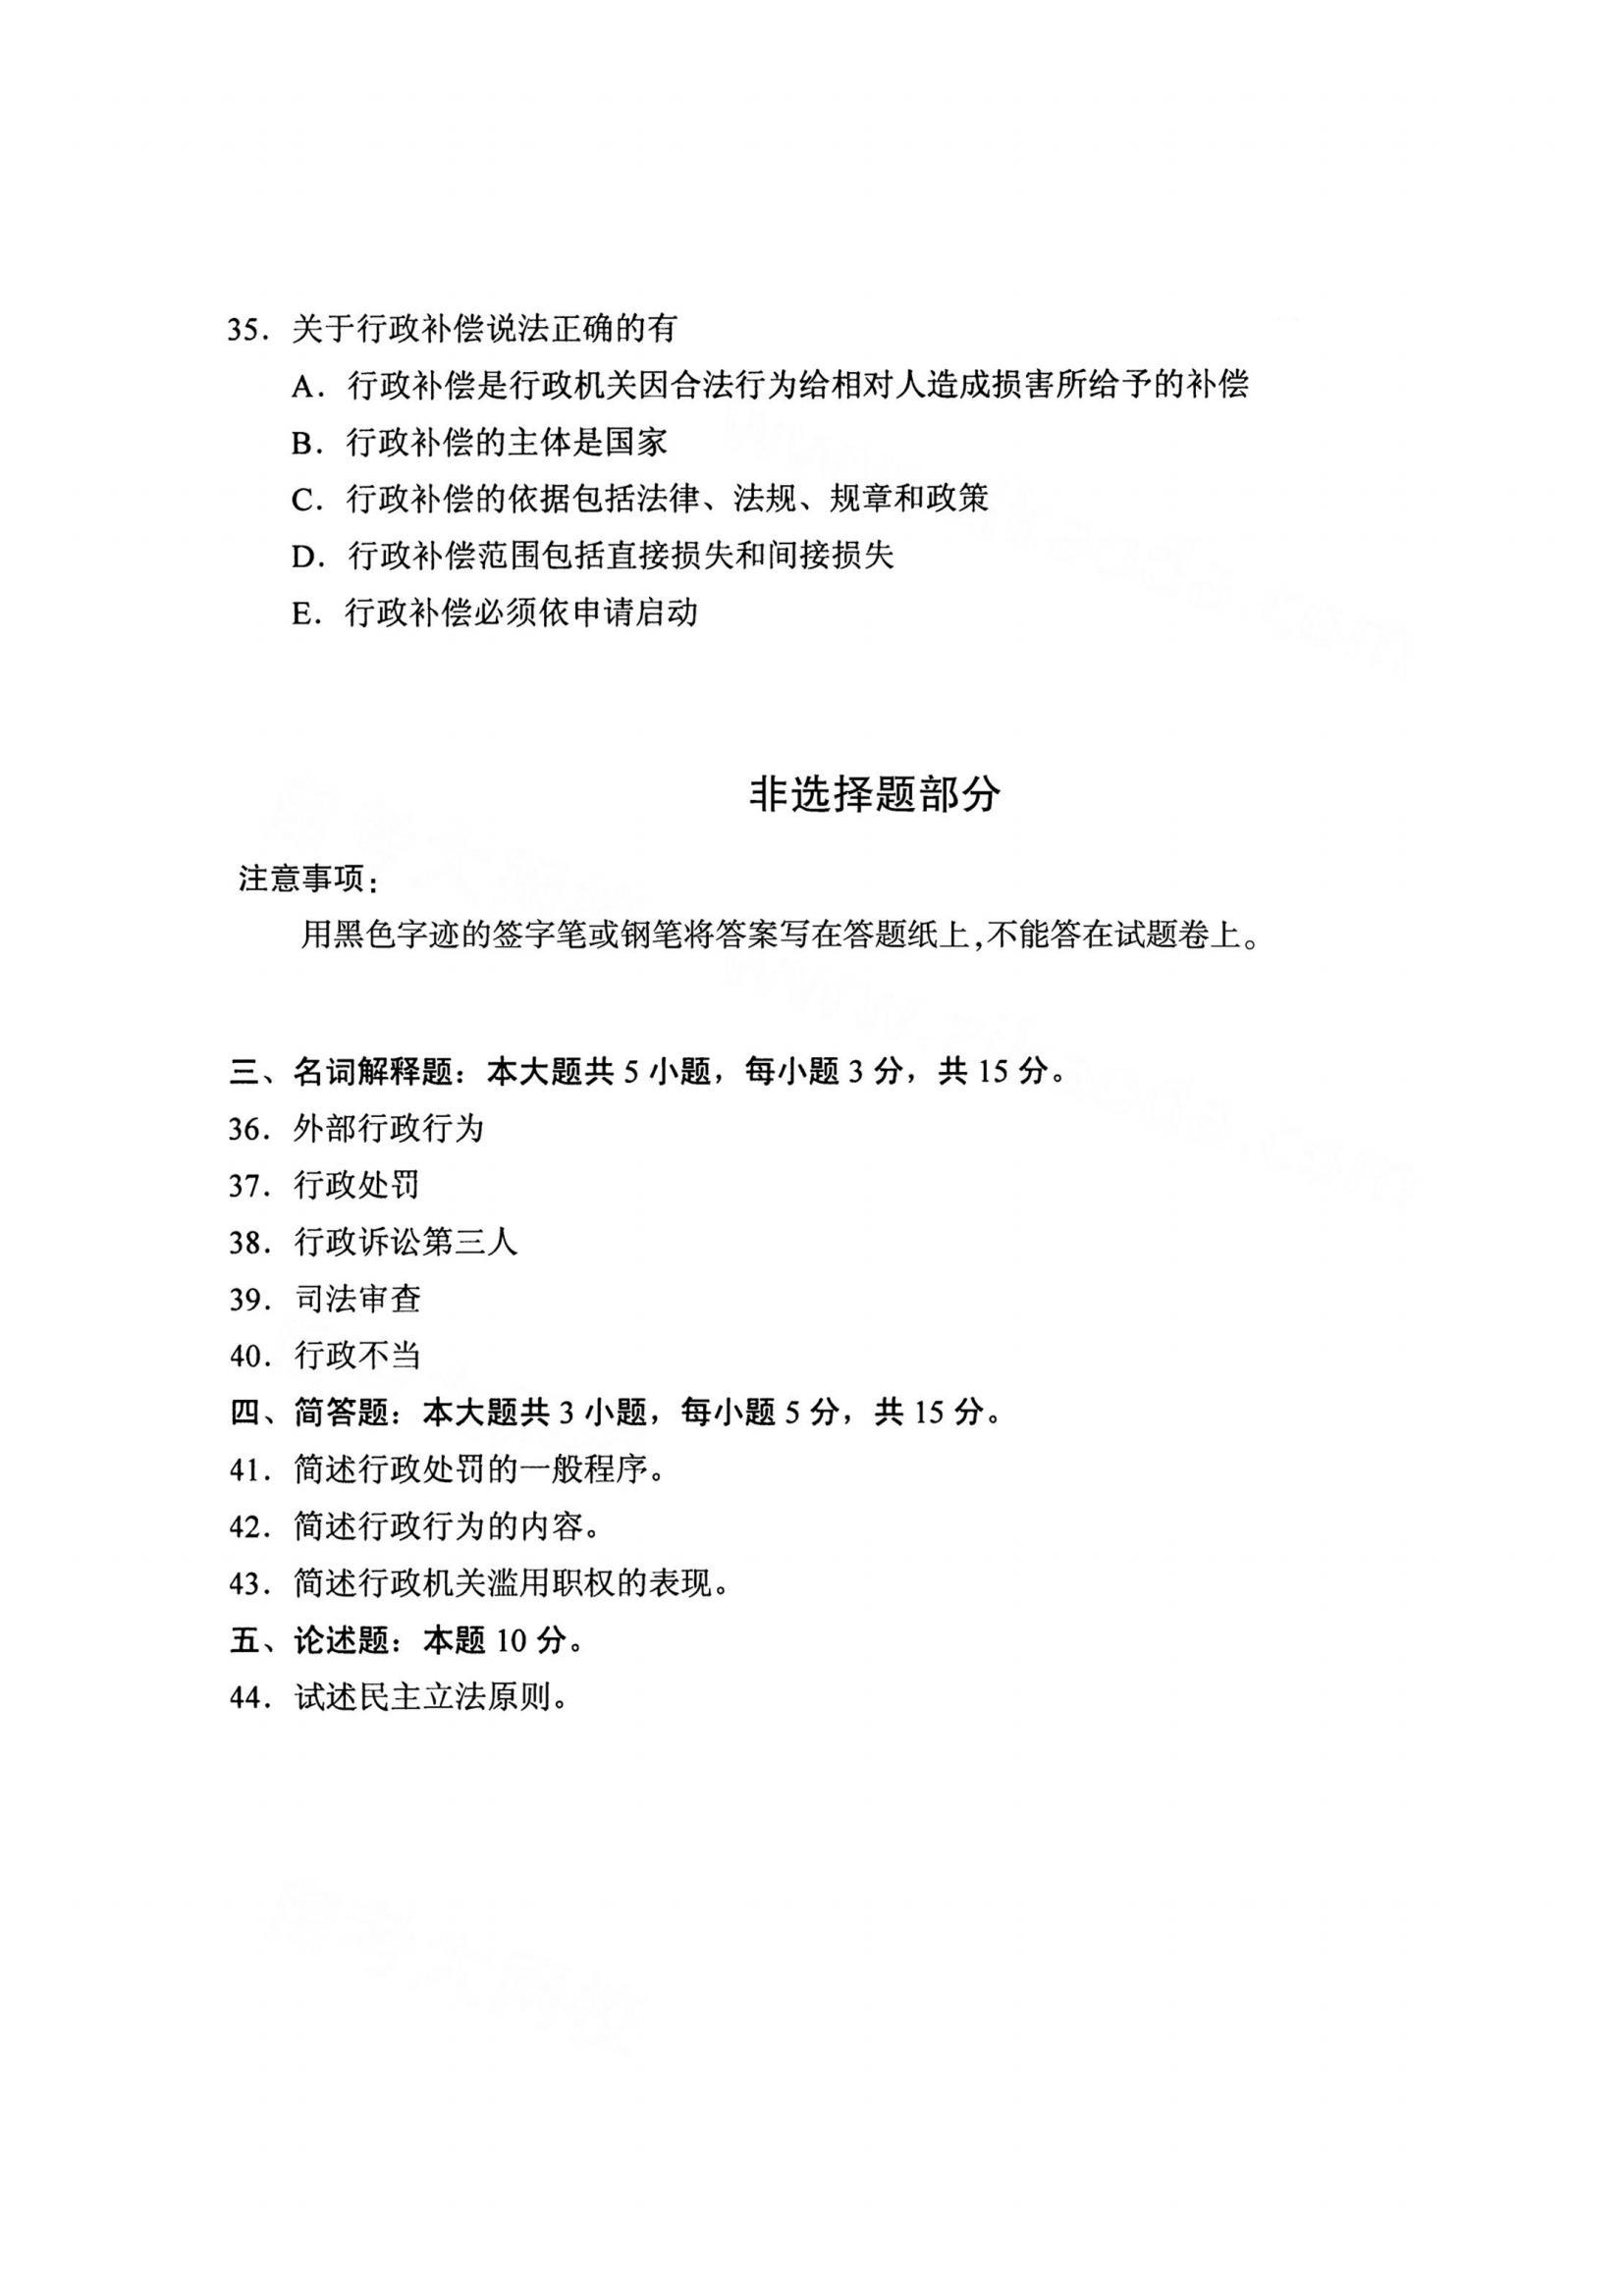 江西自考行政法学真题试卷